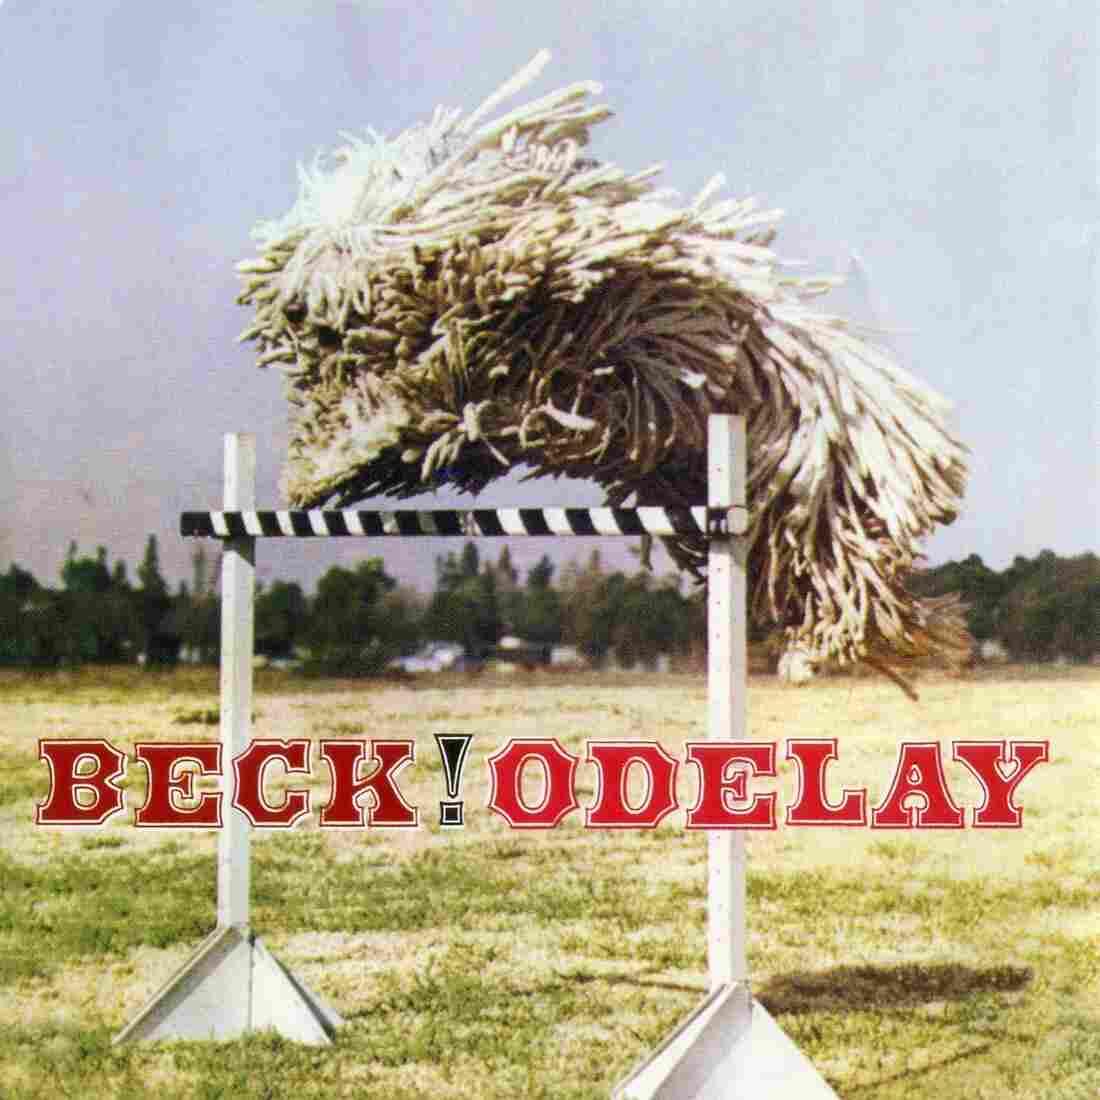 Beck, Odelay